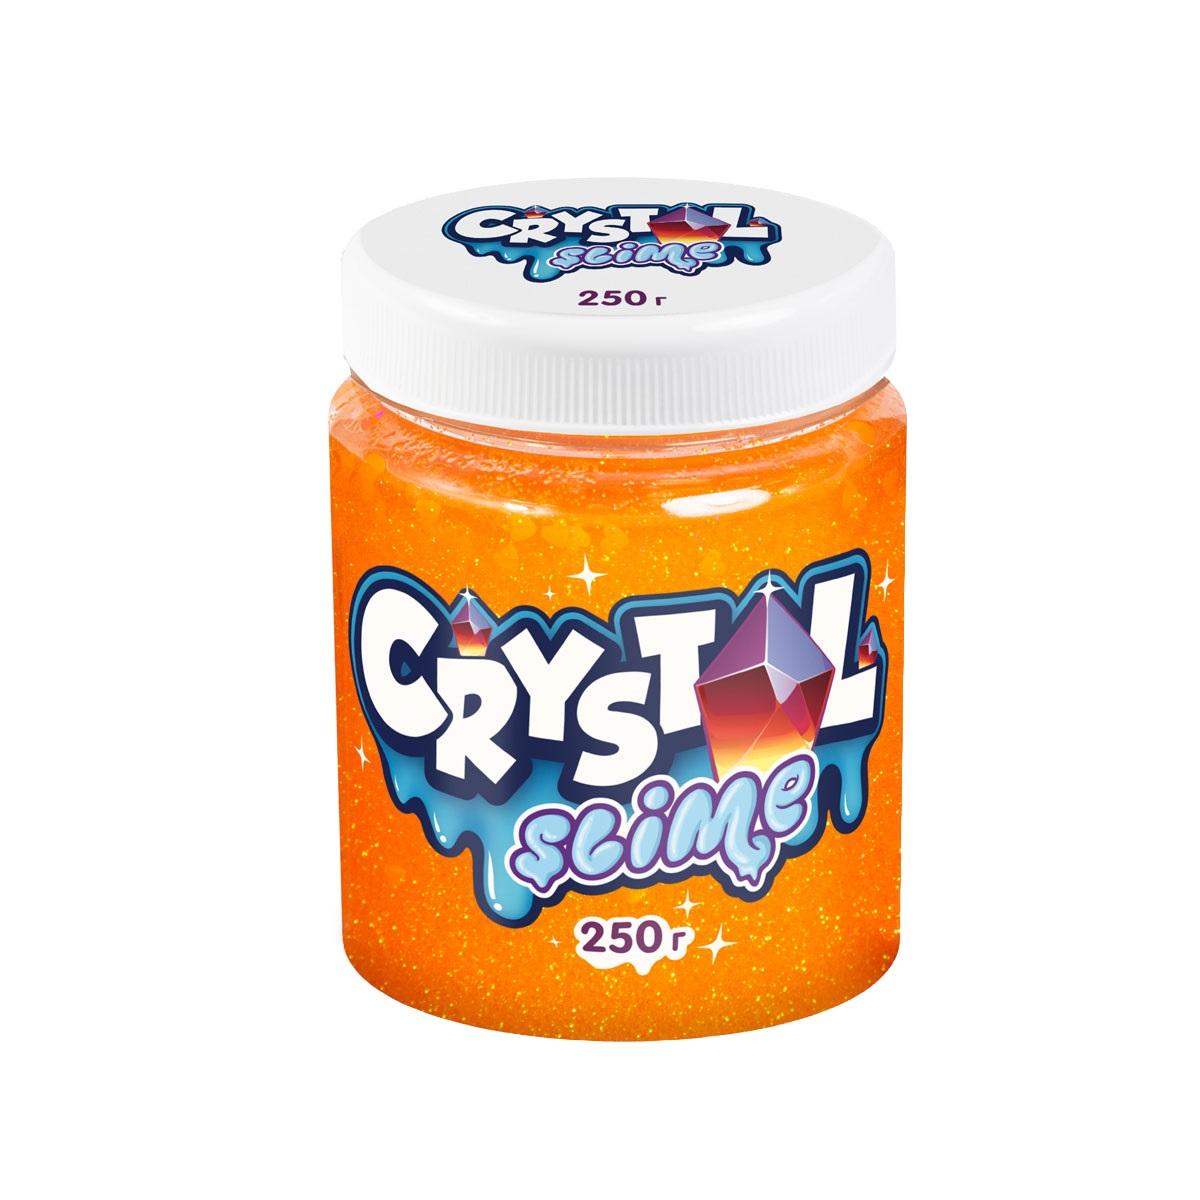 Набор для слайма Slime Crystal, апельсиновый, 250 г S500-10188